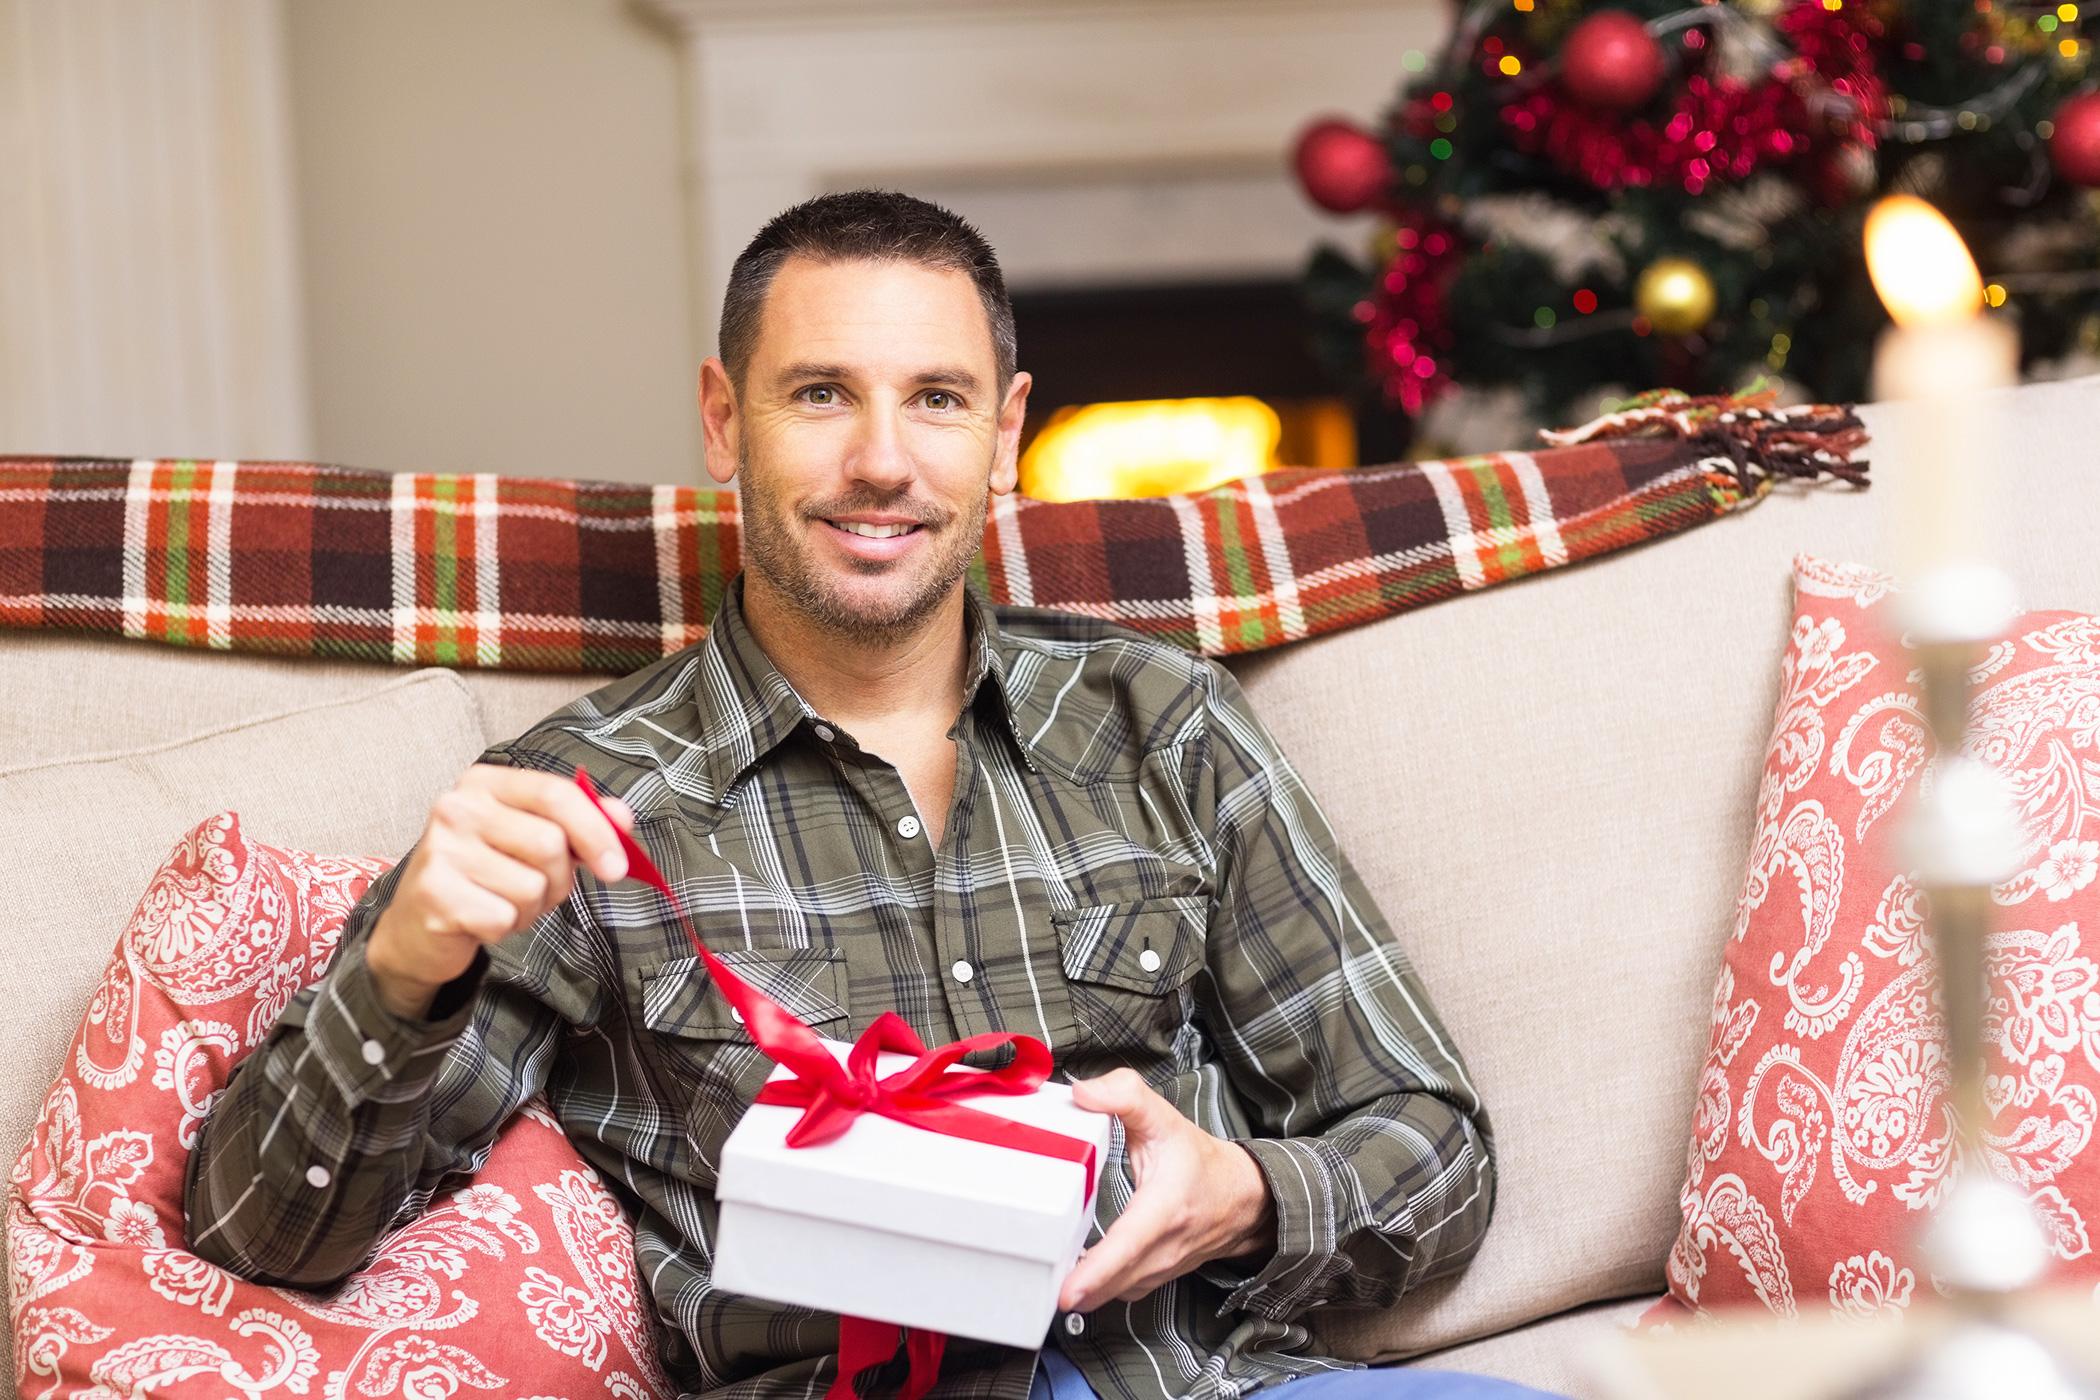 top 8 des meilleurs cadeaux de no l pour homme idee. Black Bedroom Furniture Sets. Home Design Ideas